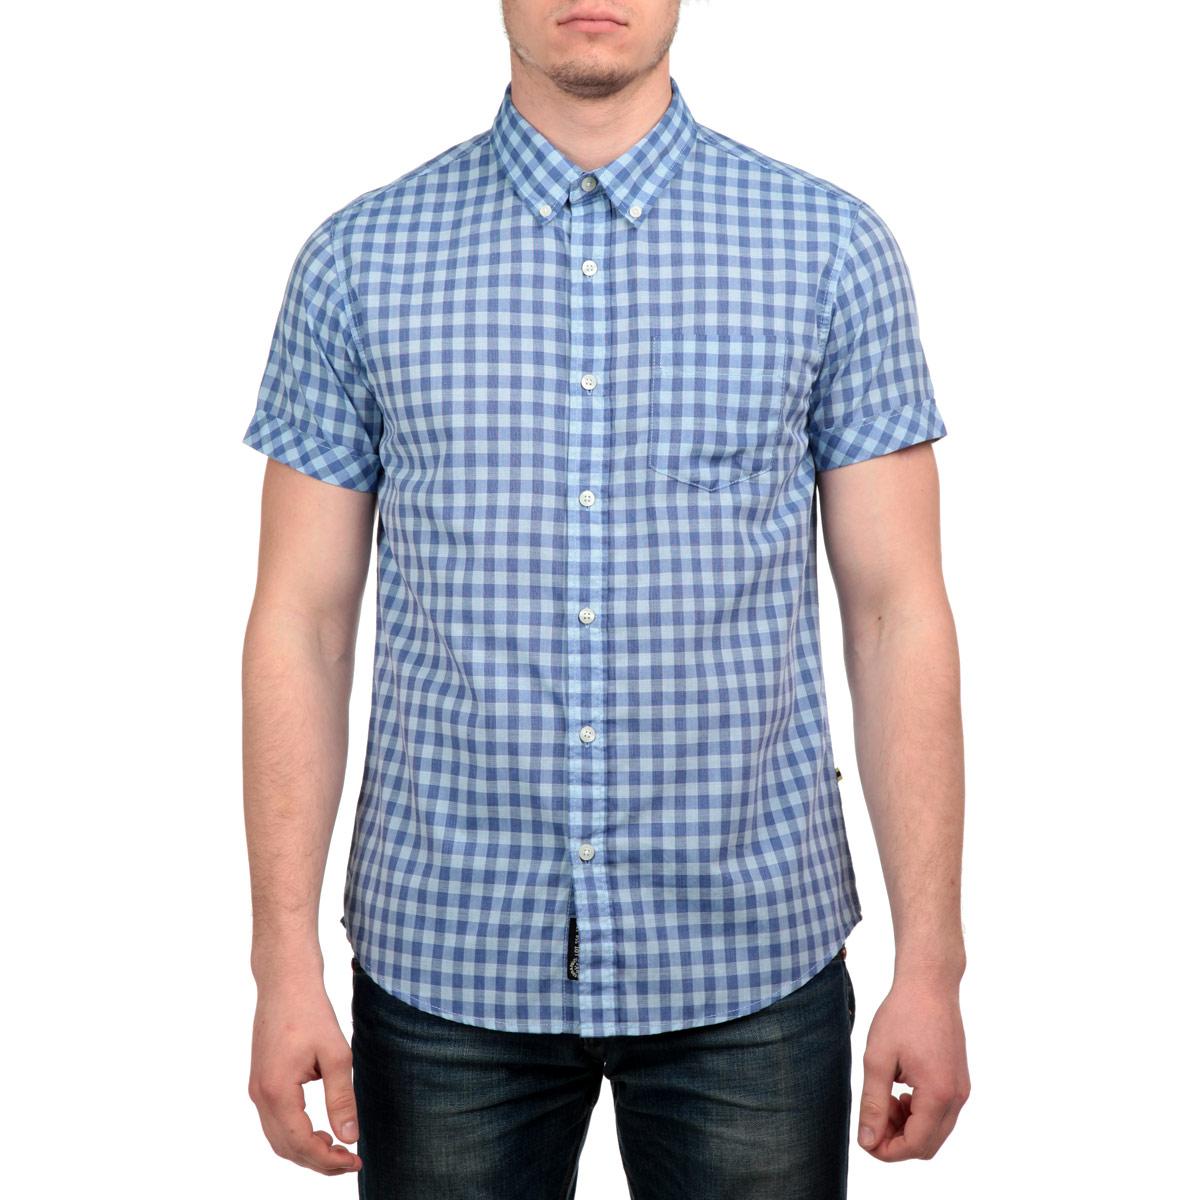 Рубашка10152780 37AСтильная мужская рубашка Broadway, изготовленная из высококачественного материала, необычайно мягкая и приятная на ощупь, не сковывает движения и позволяет коже дышать, не раздражает даже самую нежную и чувствительную кожу, обеспечивая наибольший комфорт. Модная рубашка прямого кроя, с короткими рукавами, отложным воротником и полукруглым низом застегивается на пуговицы. На груди изделие дополнено накладным карманом. Эта рубашка идеальный вариант для повседневного гардероба. Такая модель порадует настоящих ценителей комфорта и практичности!